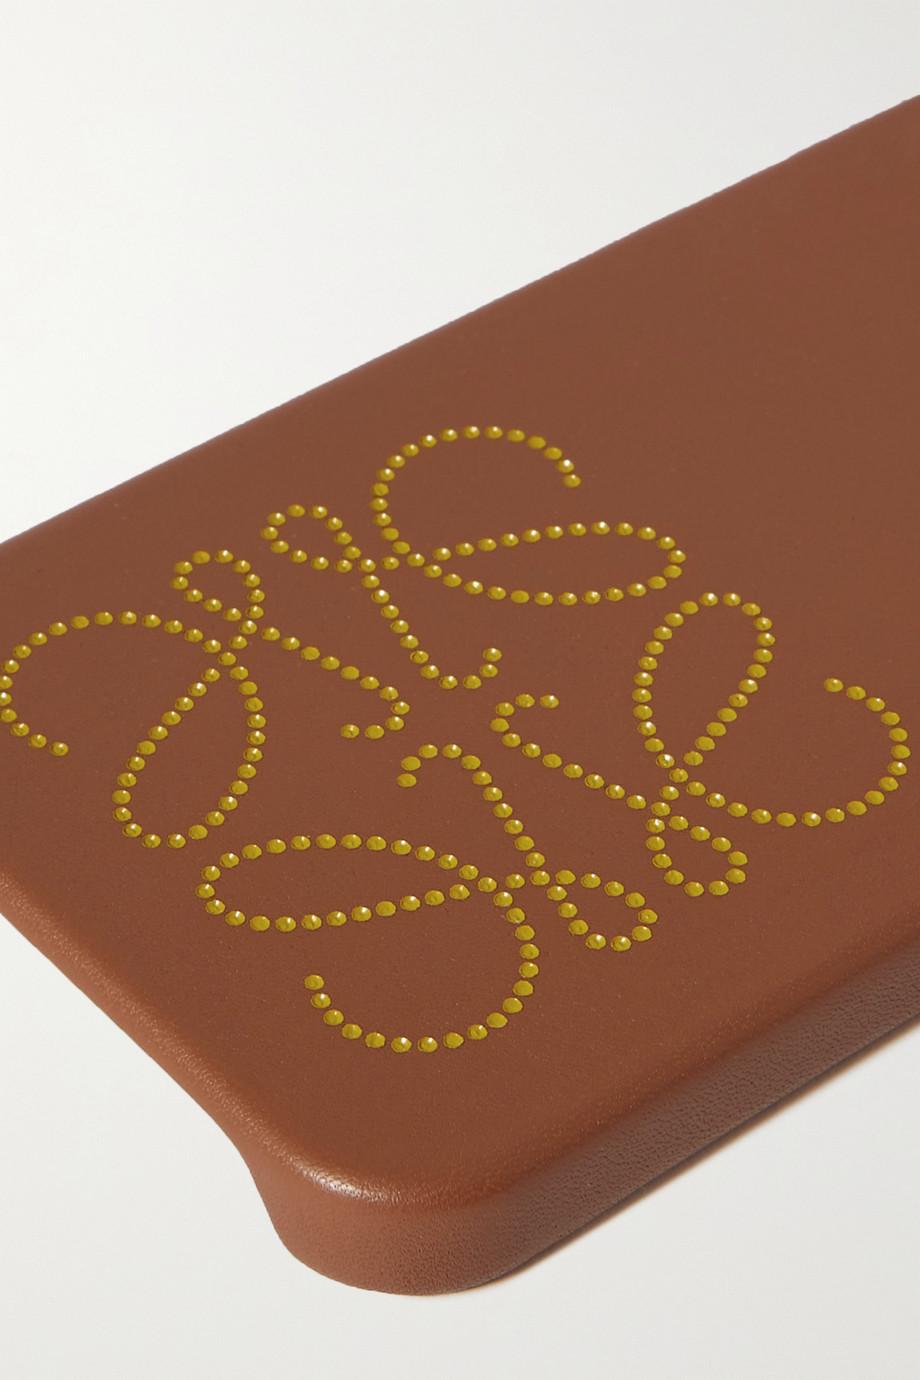 Loewe Coque pour iPhone 12 Pro Max en cuir imprimé